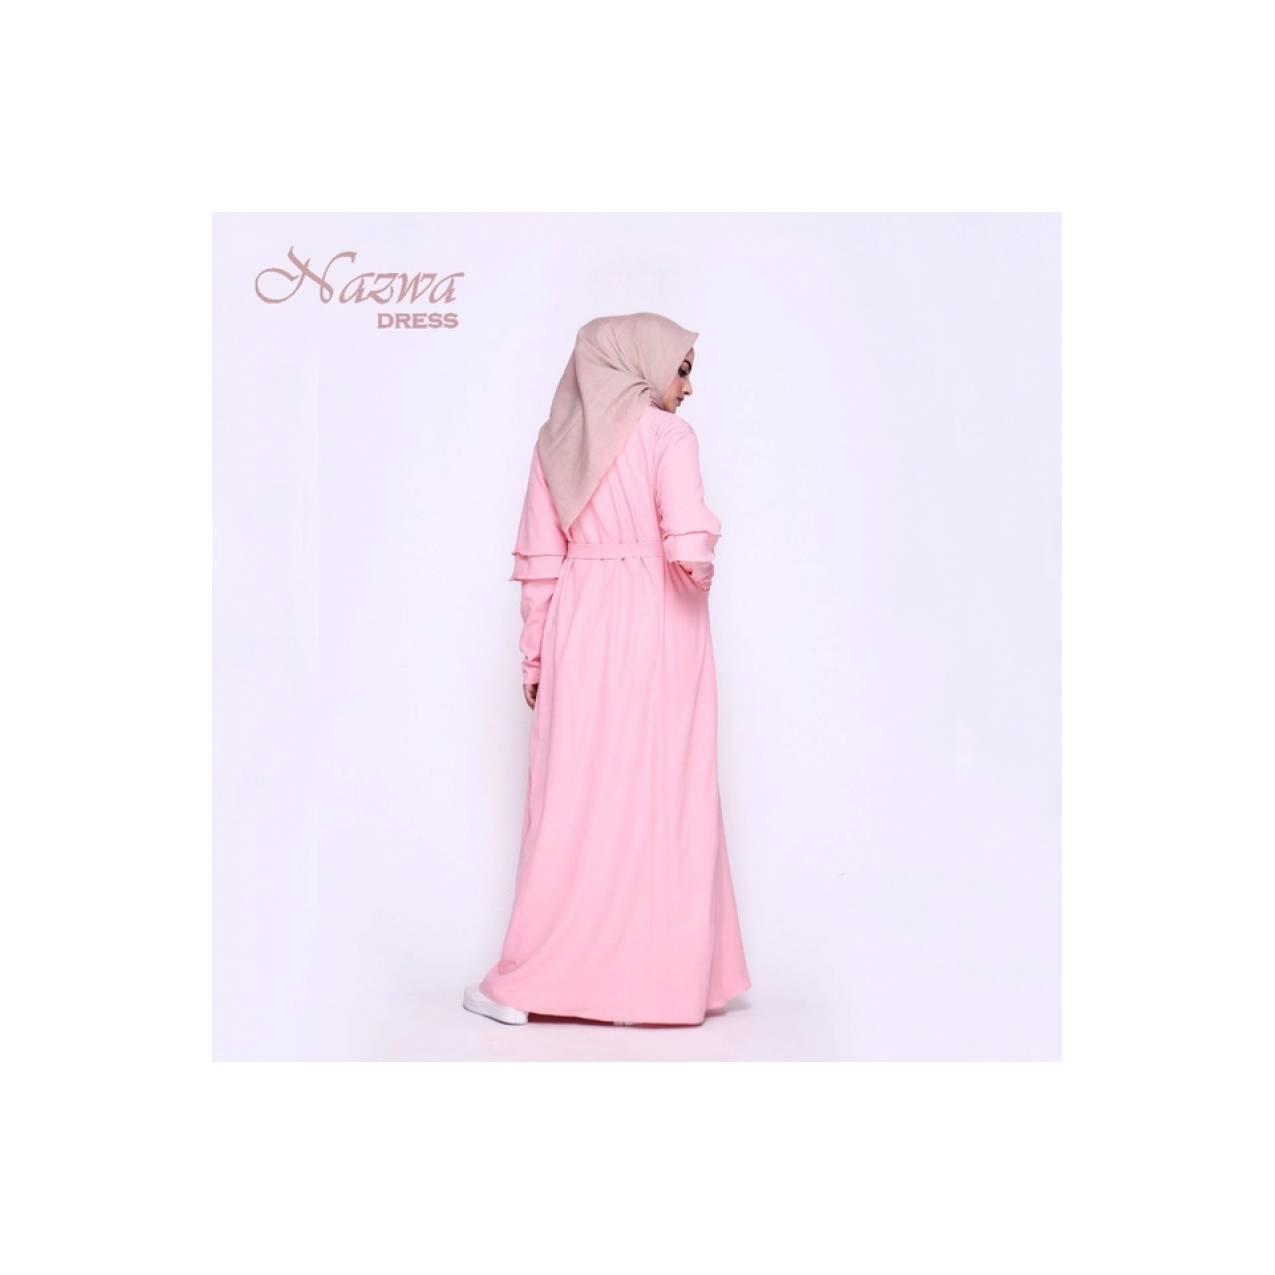 Gamis Wanita Dress Muslim AuliaNazwa Dress Warna Pastel Lengan Panjang - Merah Muda